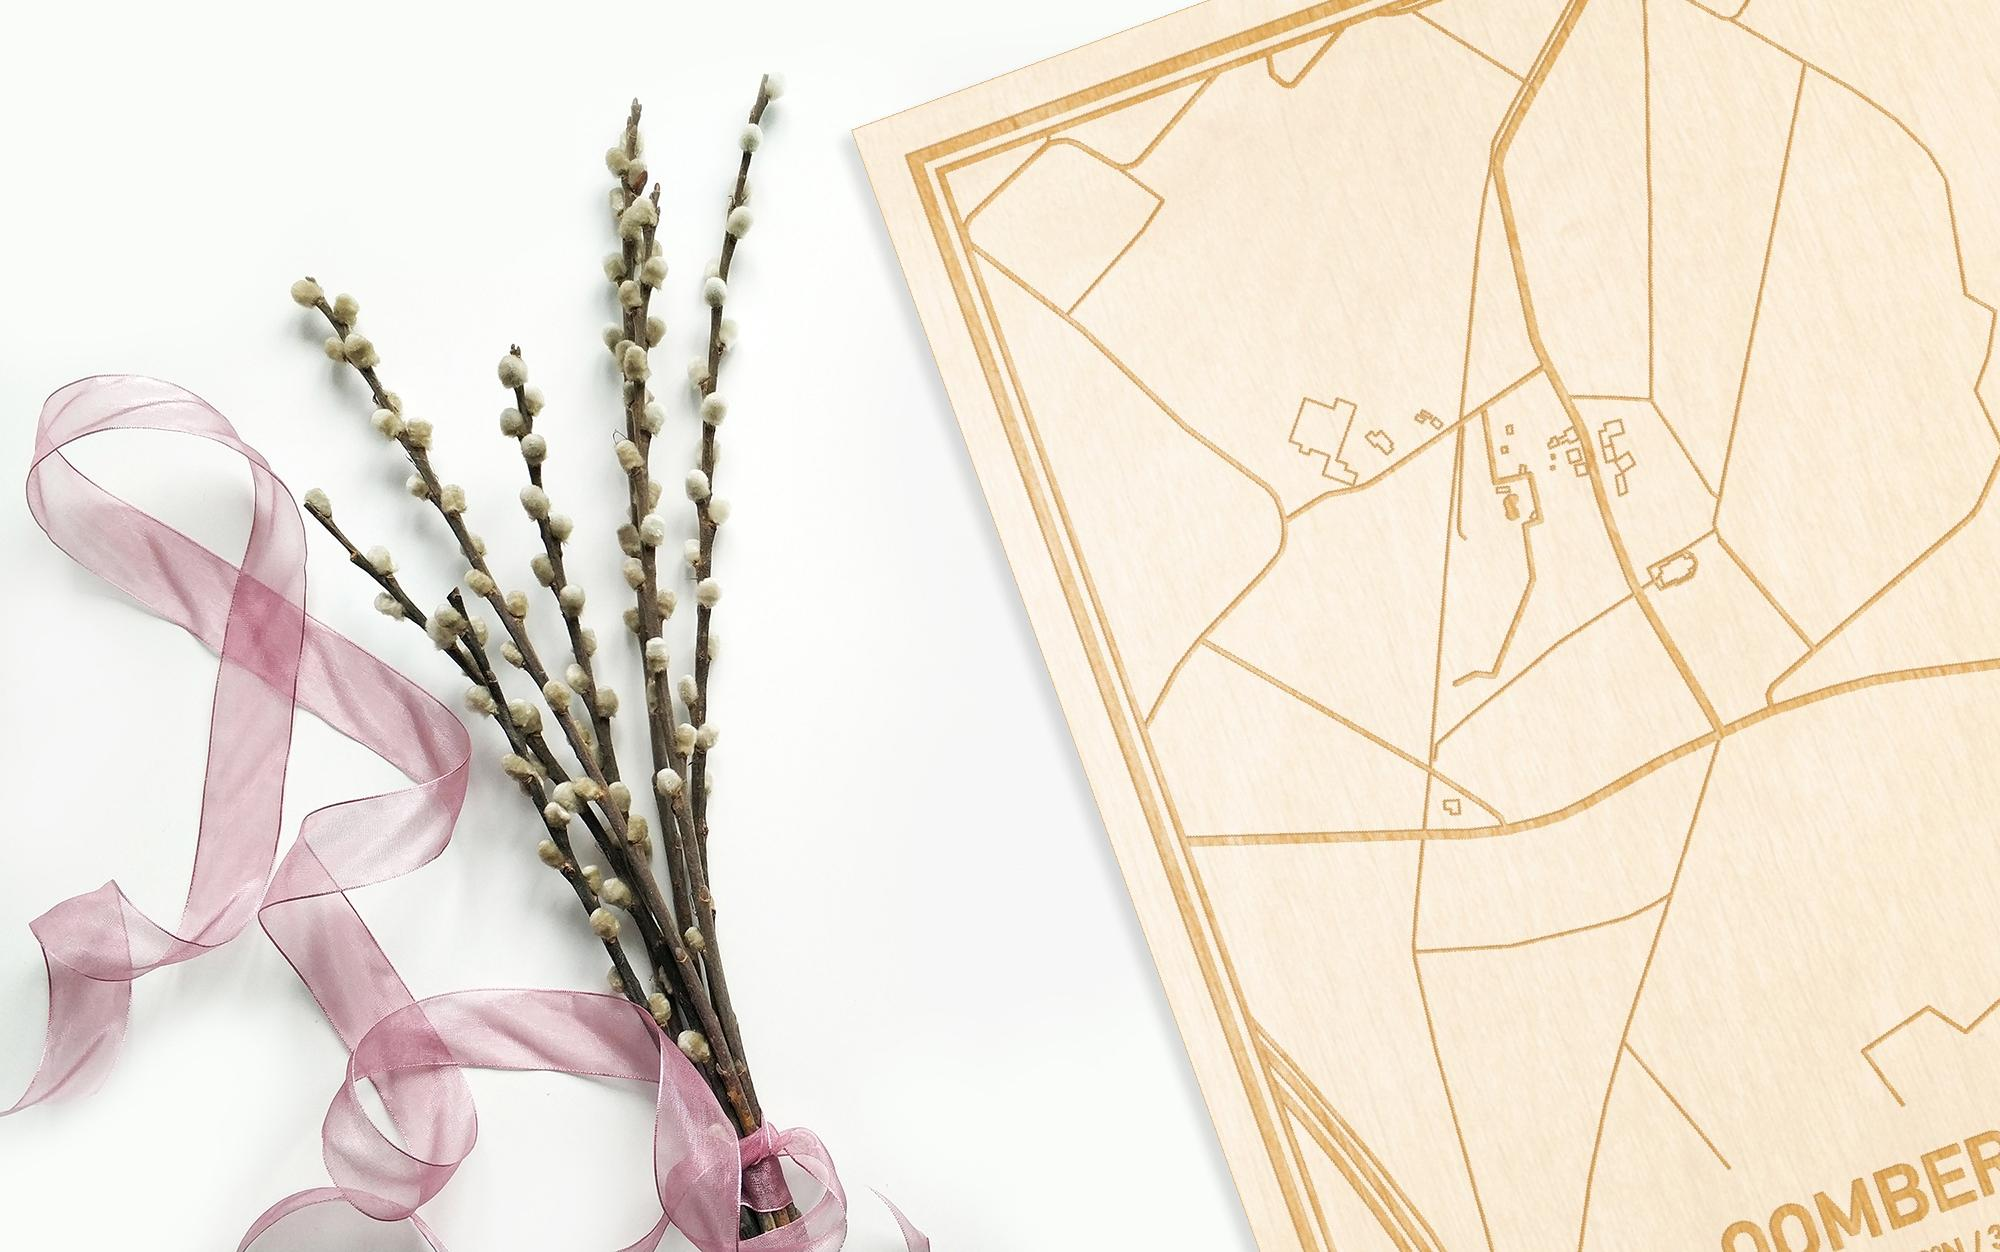 Hier ligt de houten plattegrond Oombergen naast een bloemetje als gepersonaliseerd cadeau voor haar.